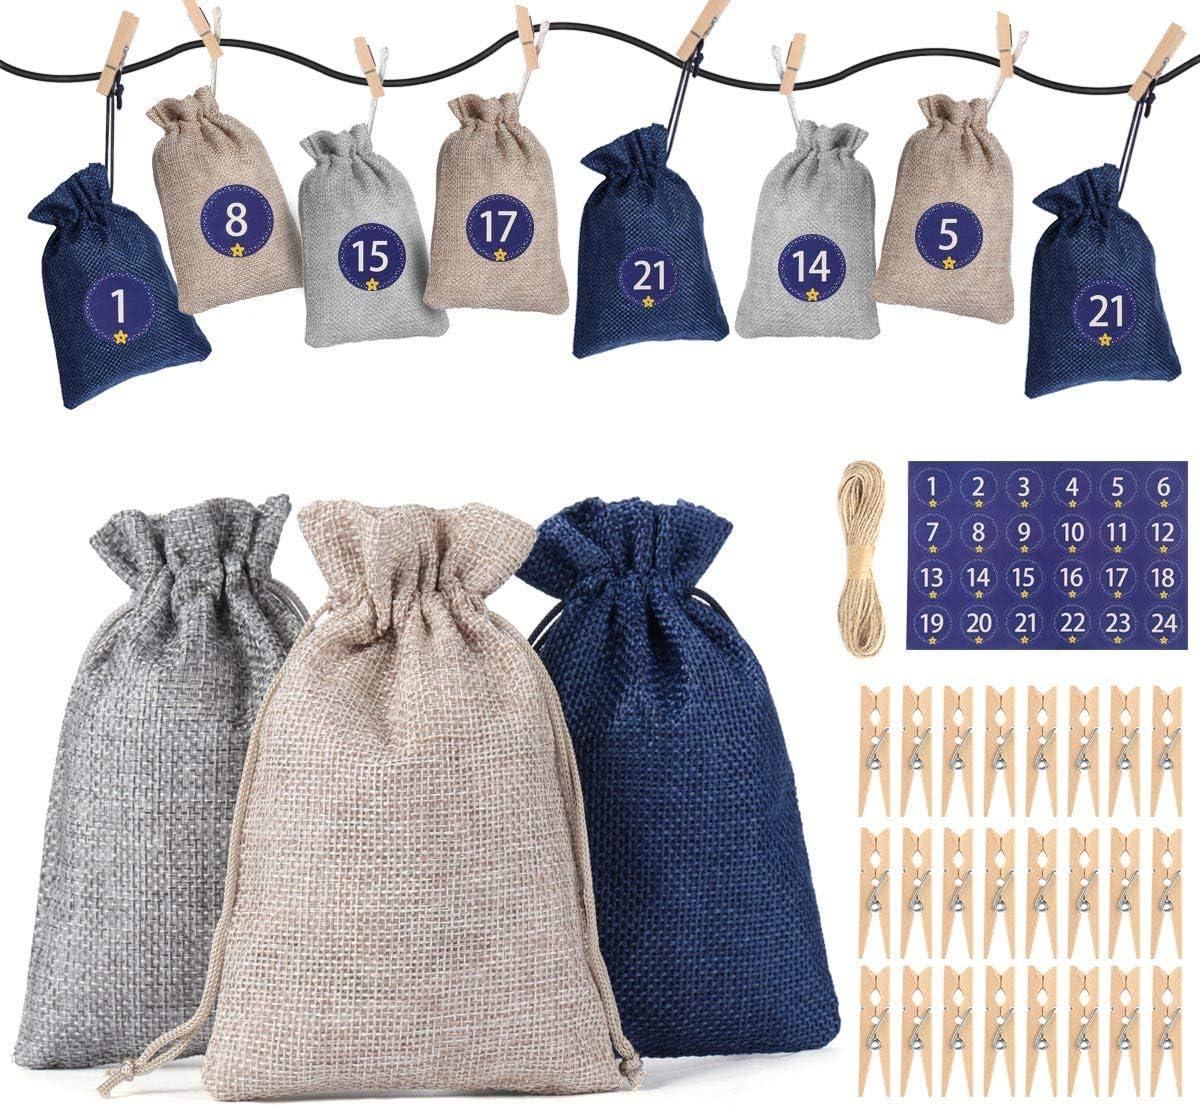 Huker Calendario de Adviento para Llenar, Bolsas de Regalo Navidad con 1-24 Adviento Pegatinas, DIY Saquitos de Navidad, Bolsas de Yute, Bolsas de Calendario de Cuenta Regresiva de Navidad 2020